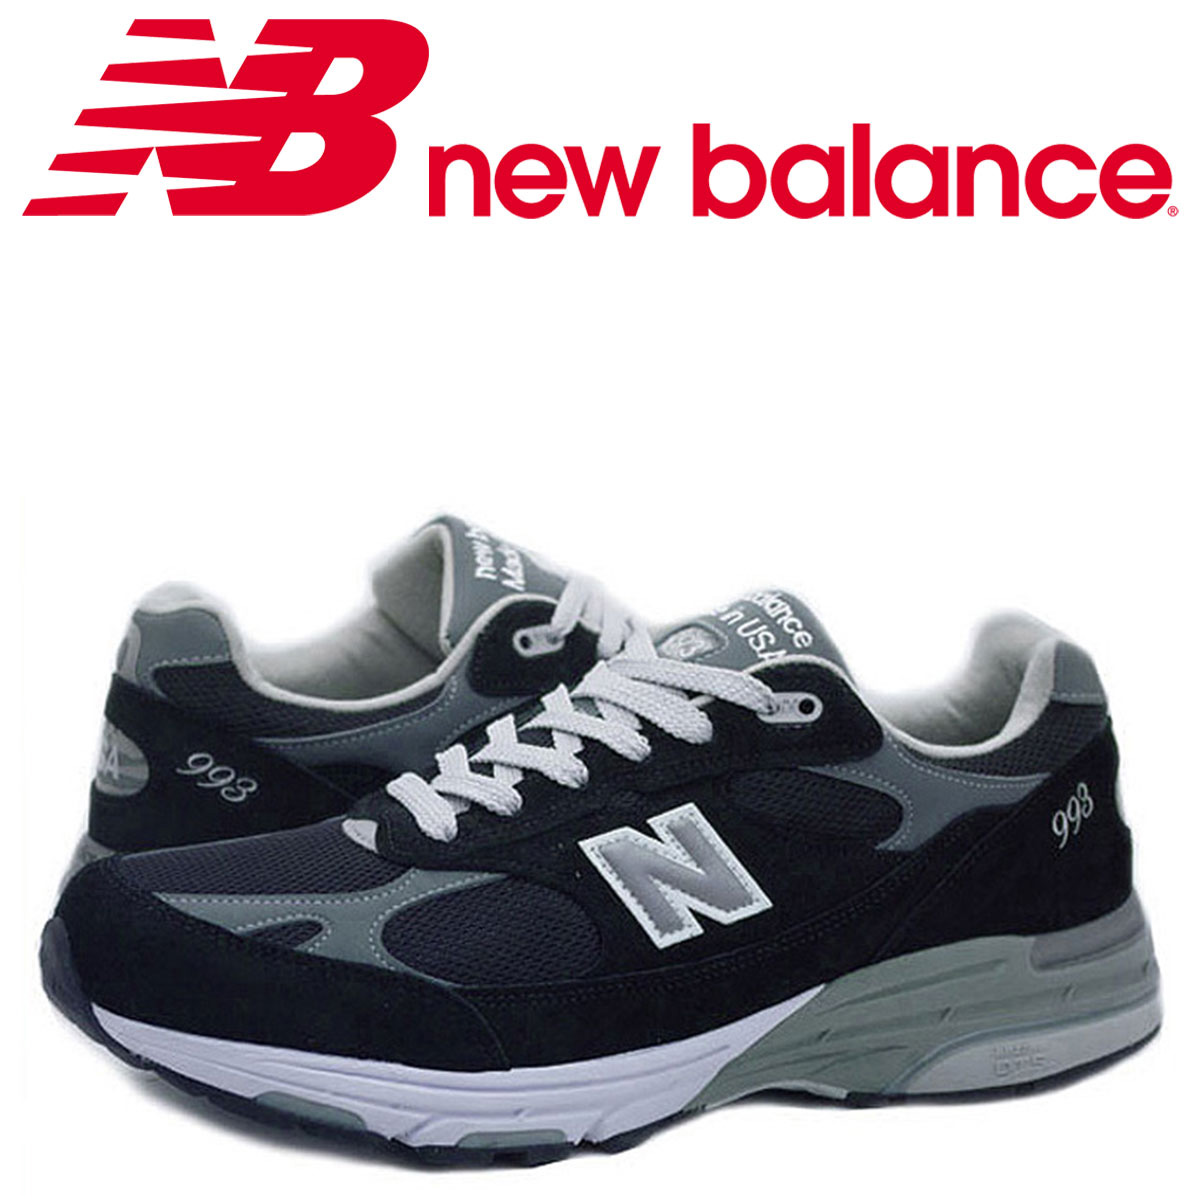 new balance 993 メンズ ニューバランス スニーカー MR993BK Dワイズ MADE IN USA ブラック [9/25 追加入荷]